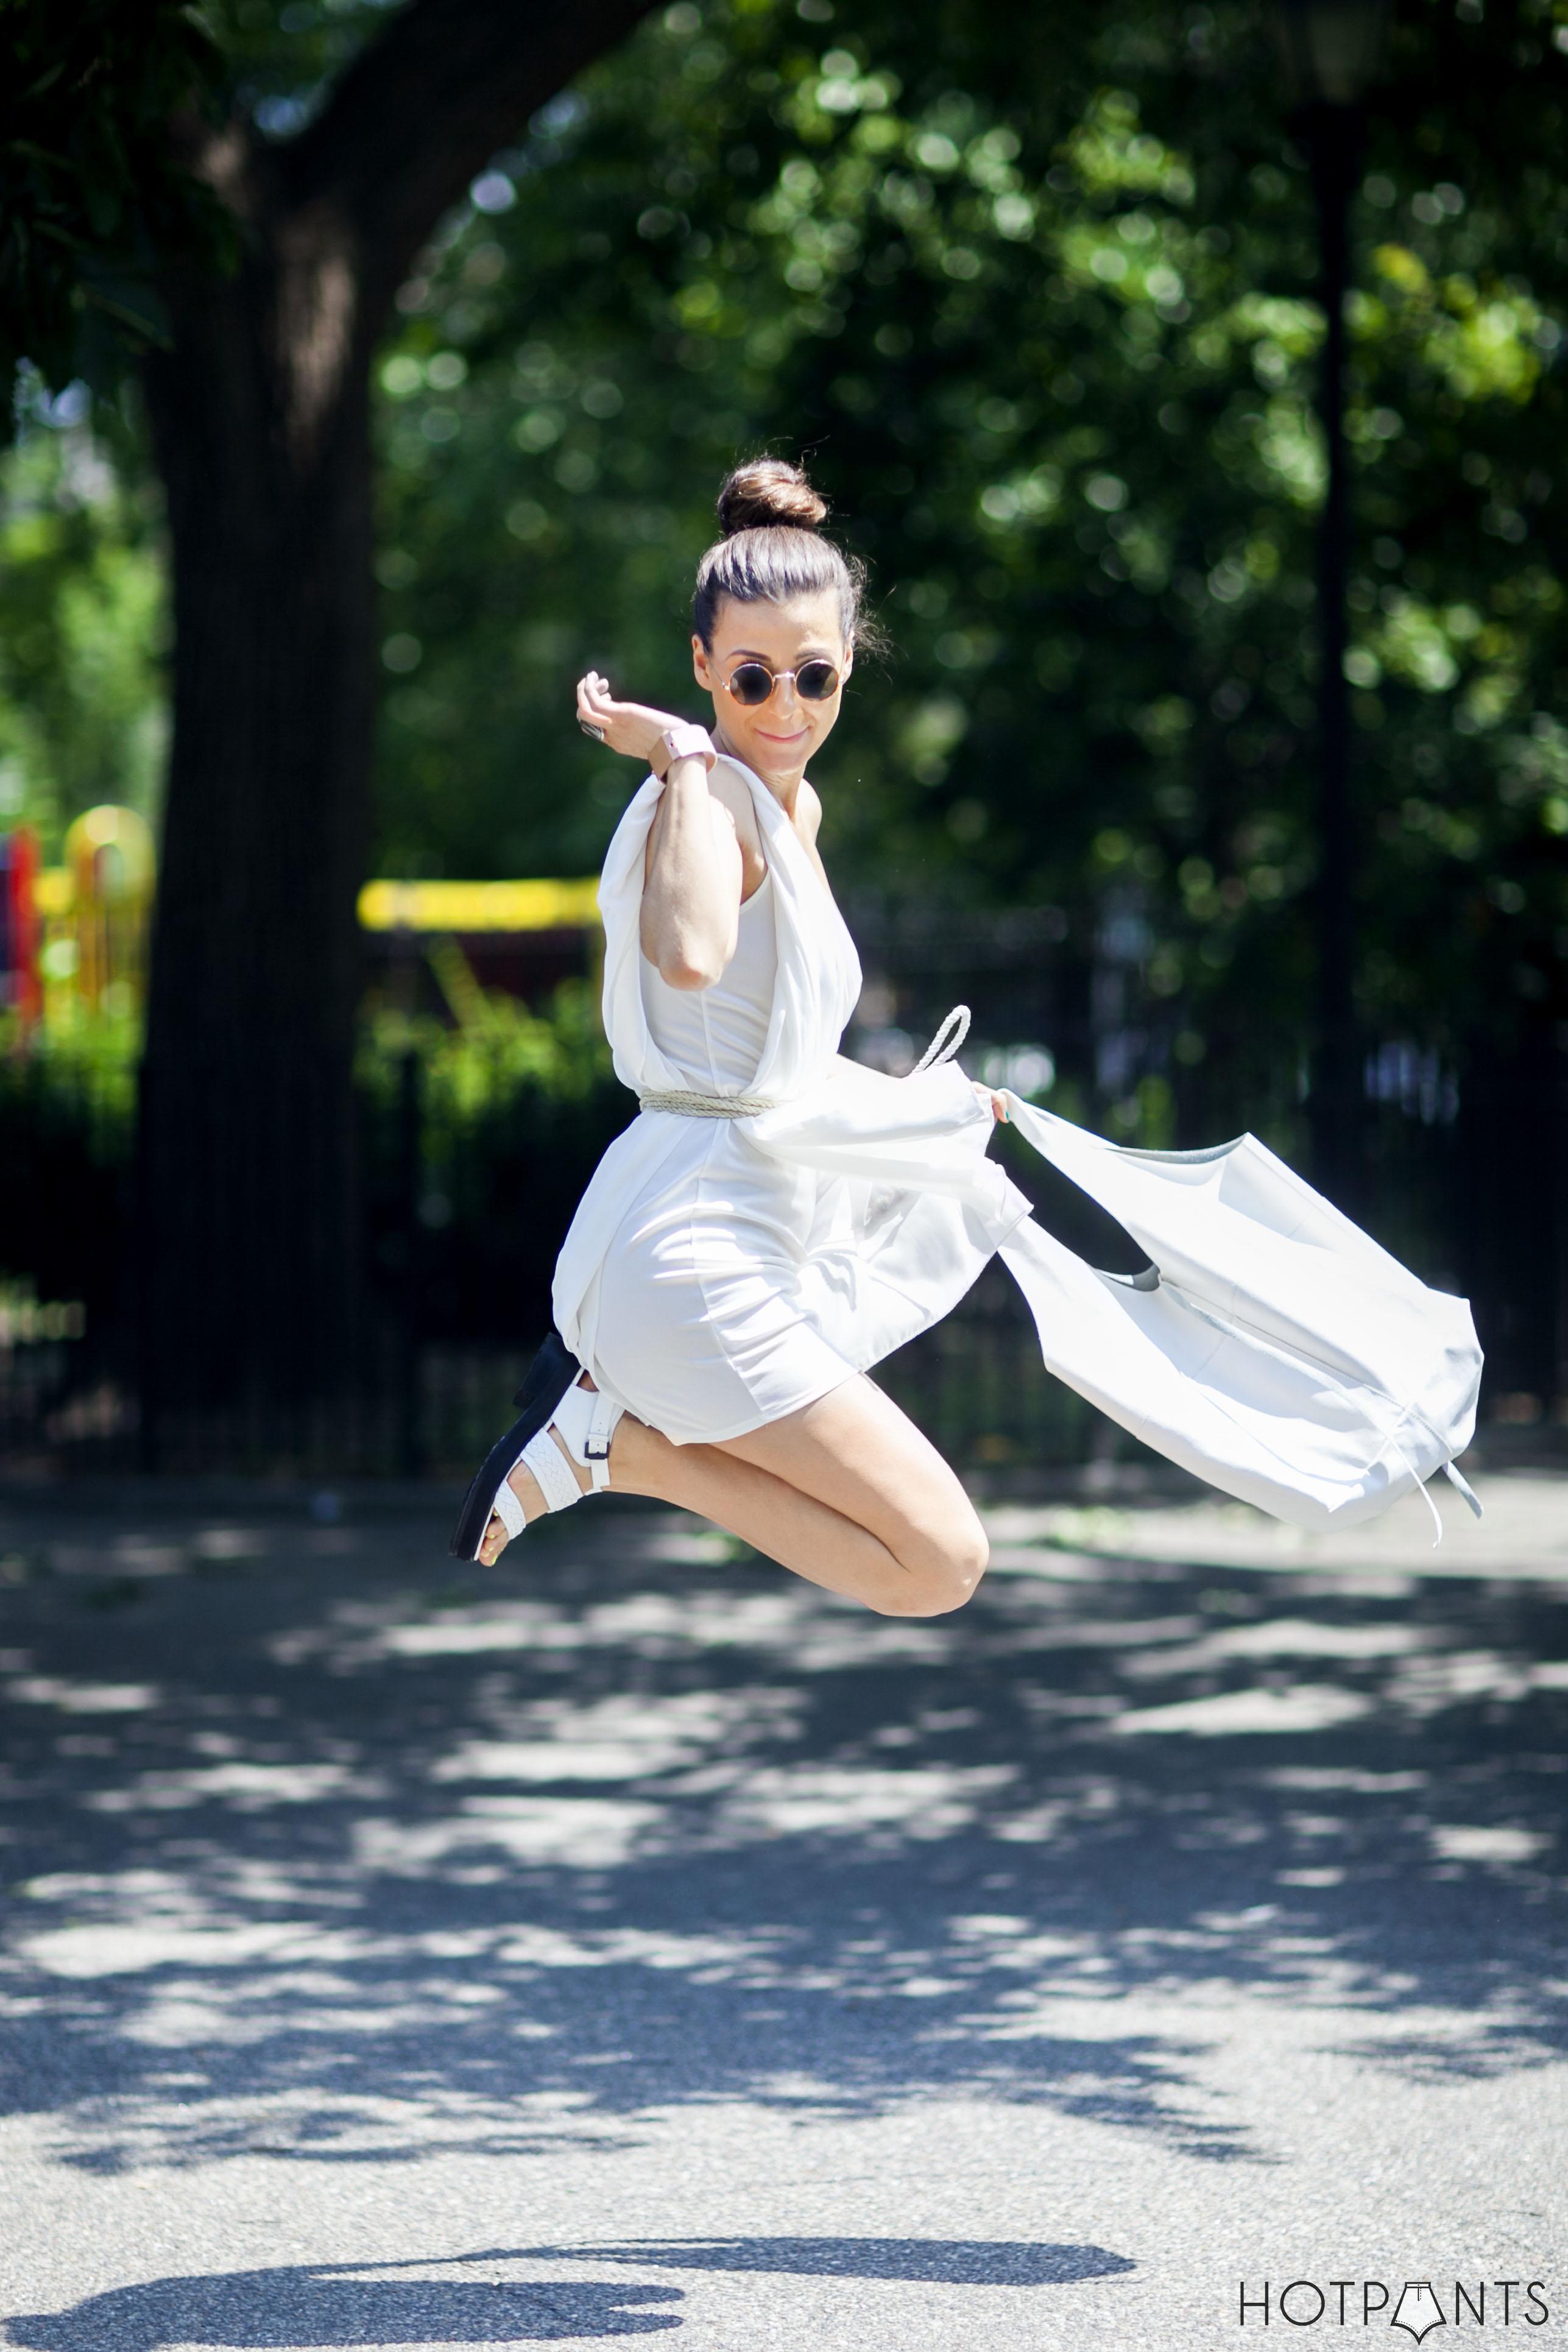 John Lennon Sunglasses Long Hair Updo Summer Dress Funny Jumping Girl